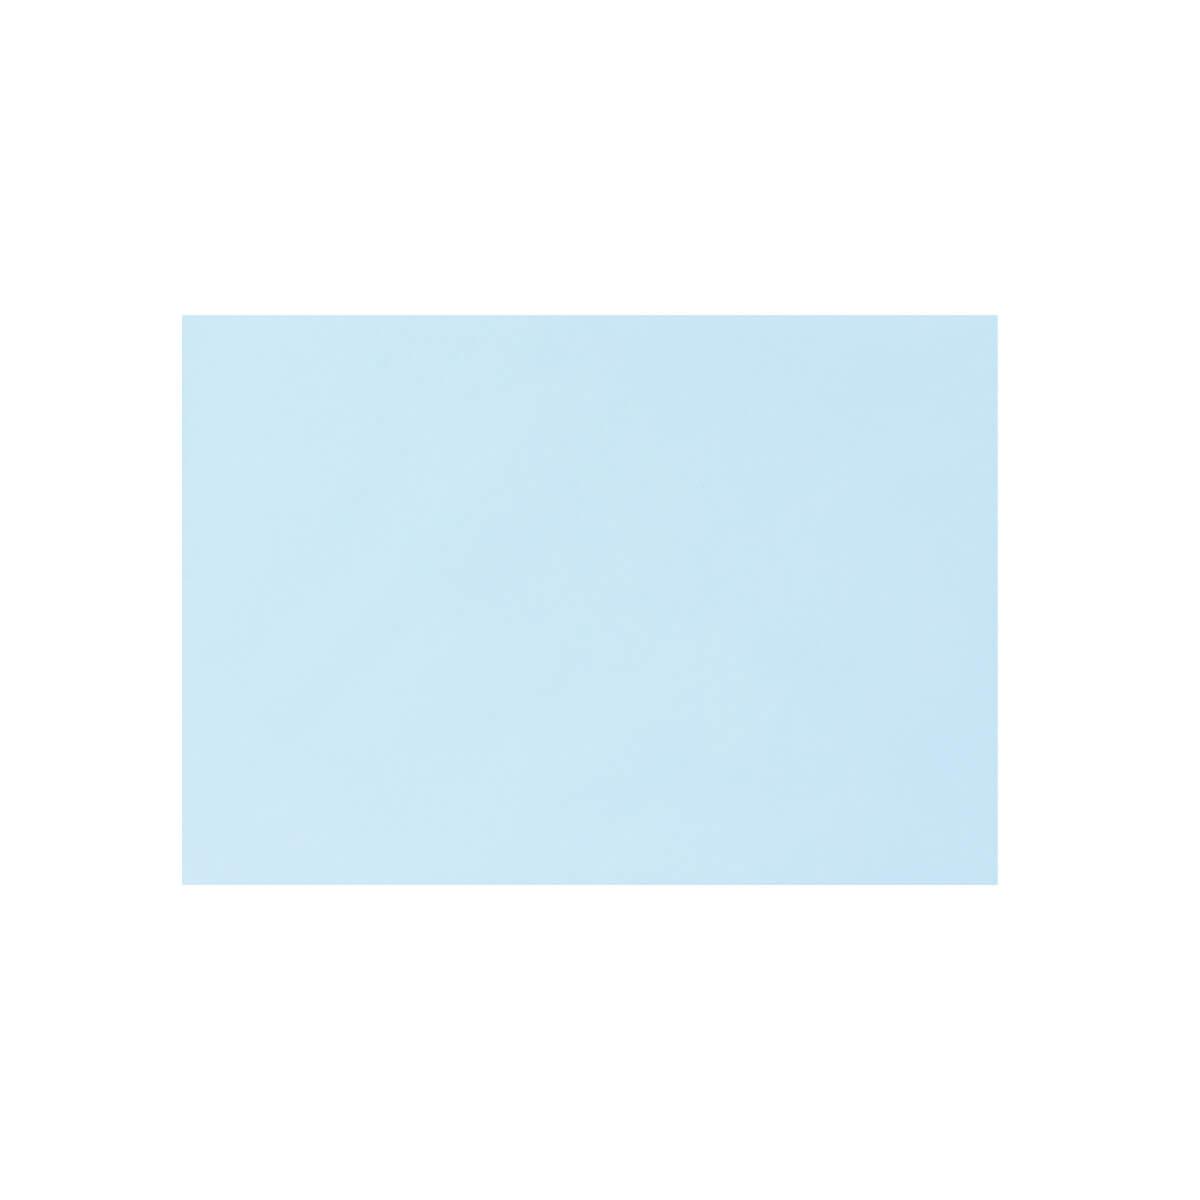 C5 PALE BLUE ENVELOPES 120GSM